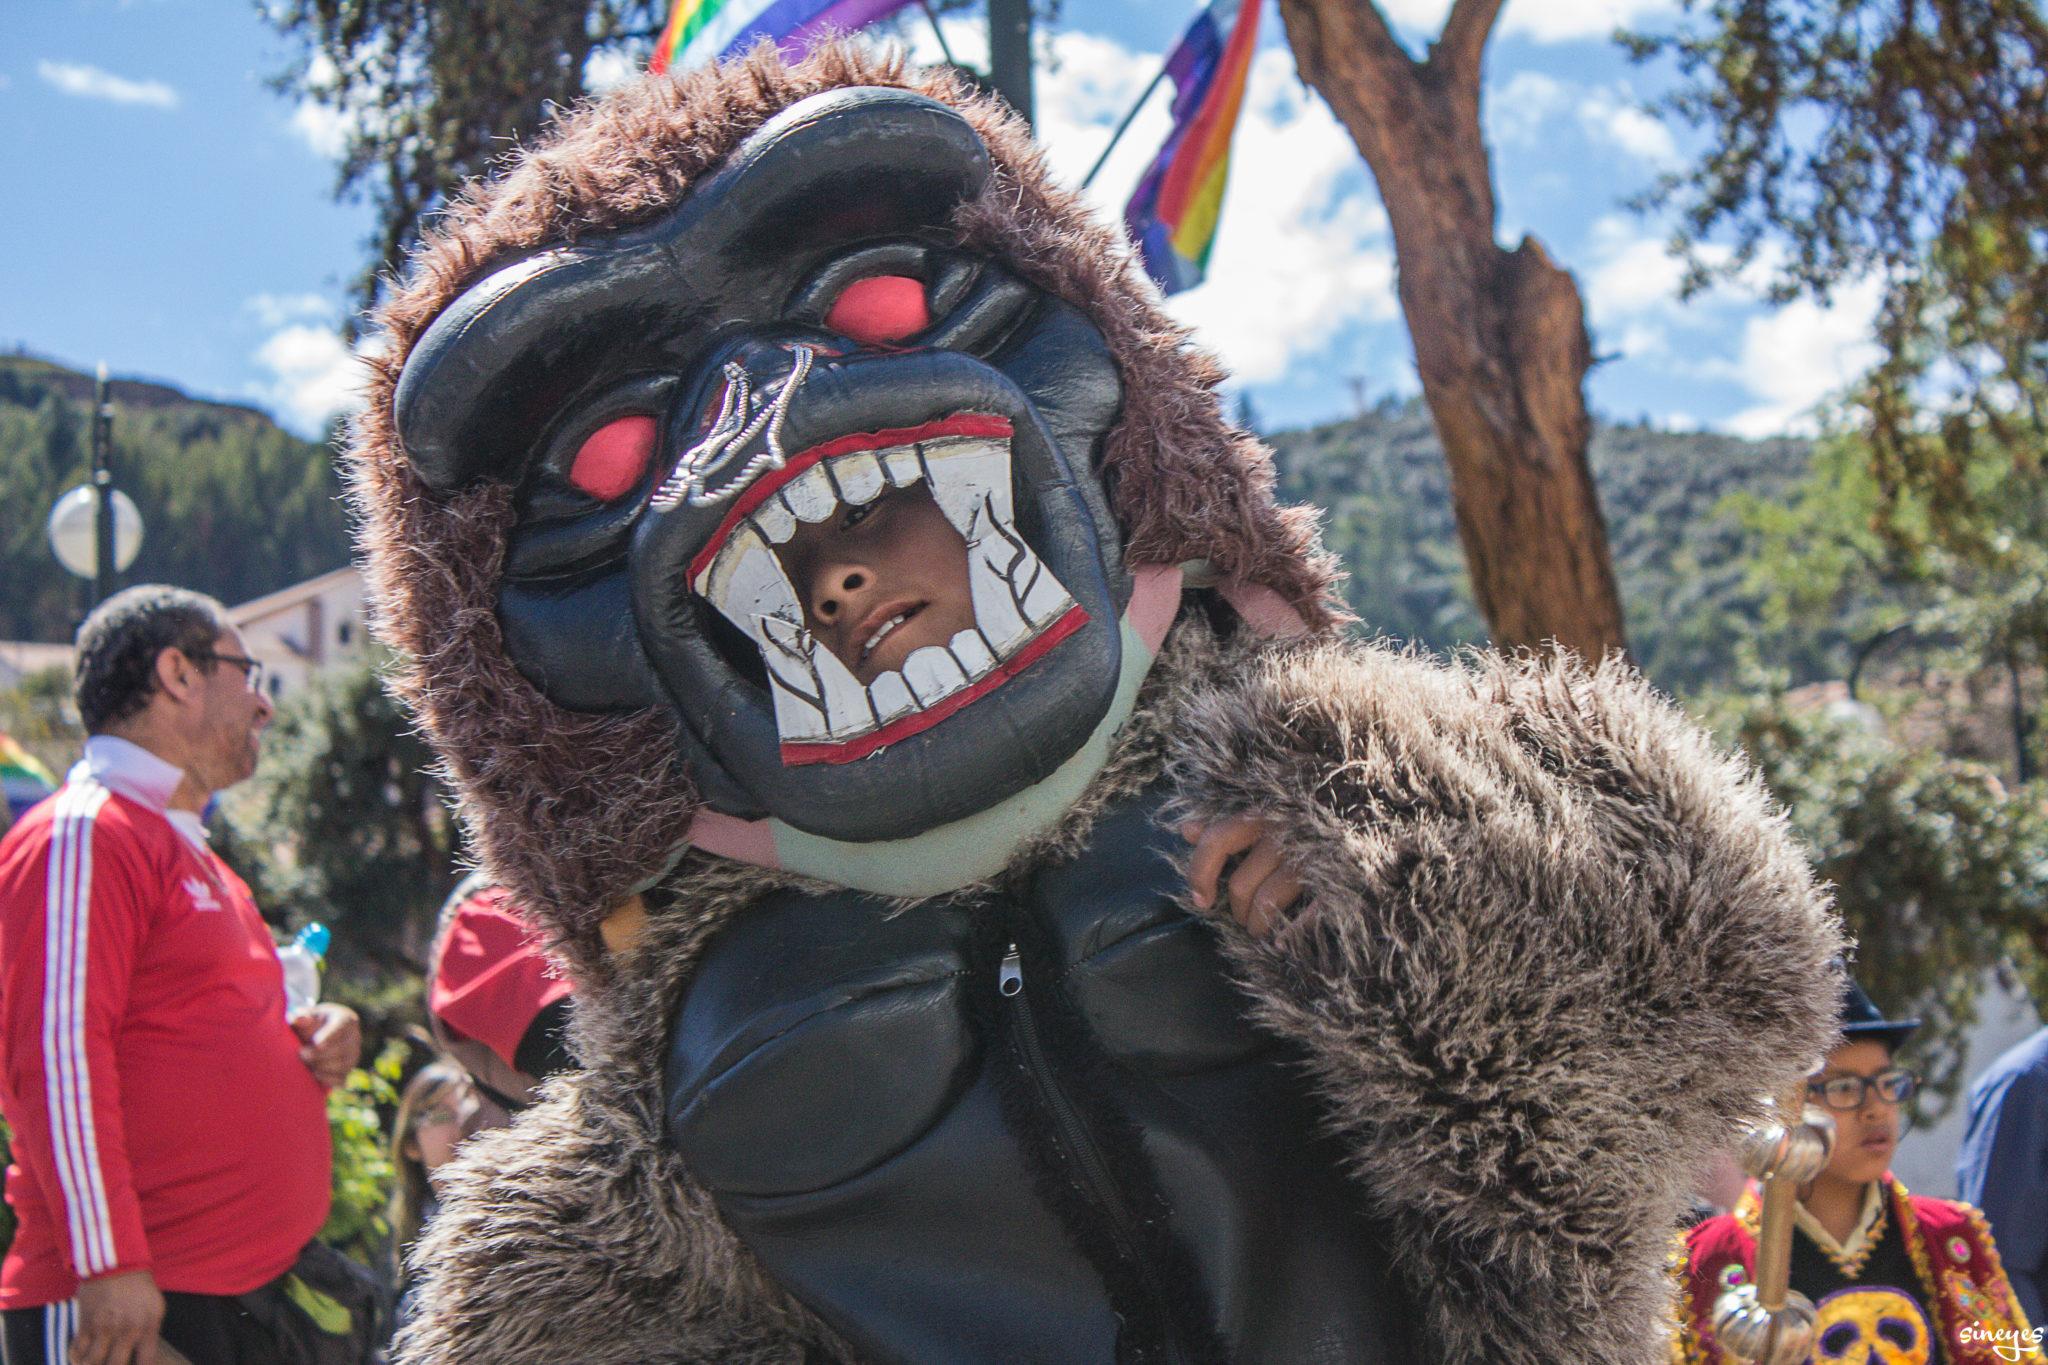 Kid eaten by gorilla by sineyes